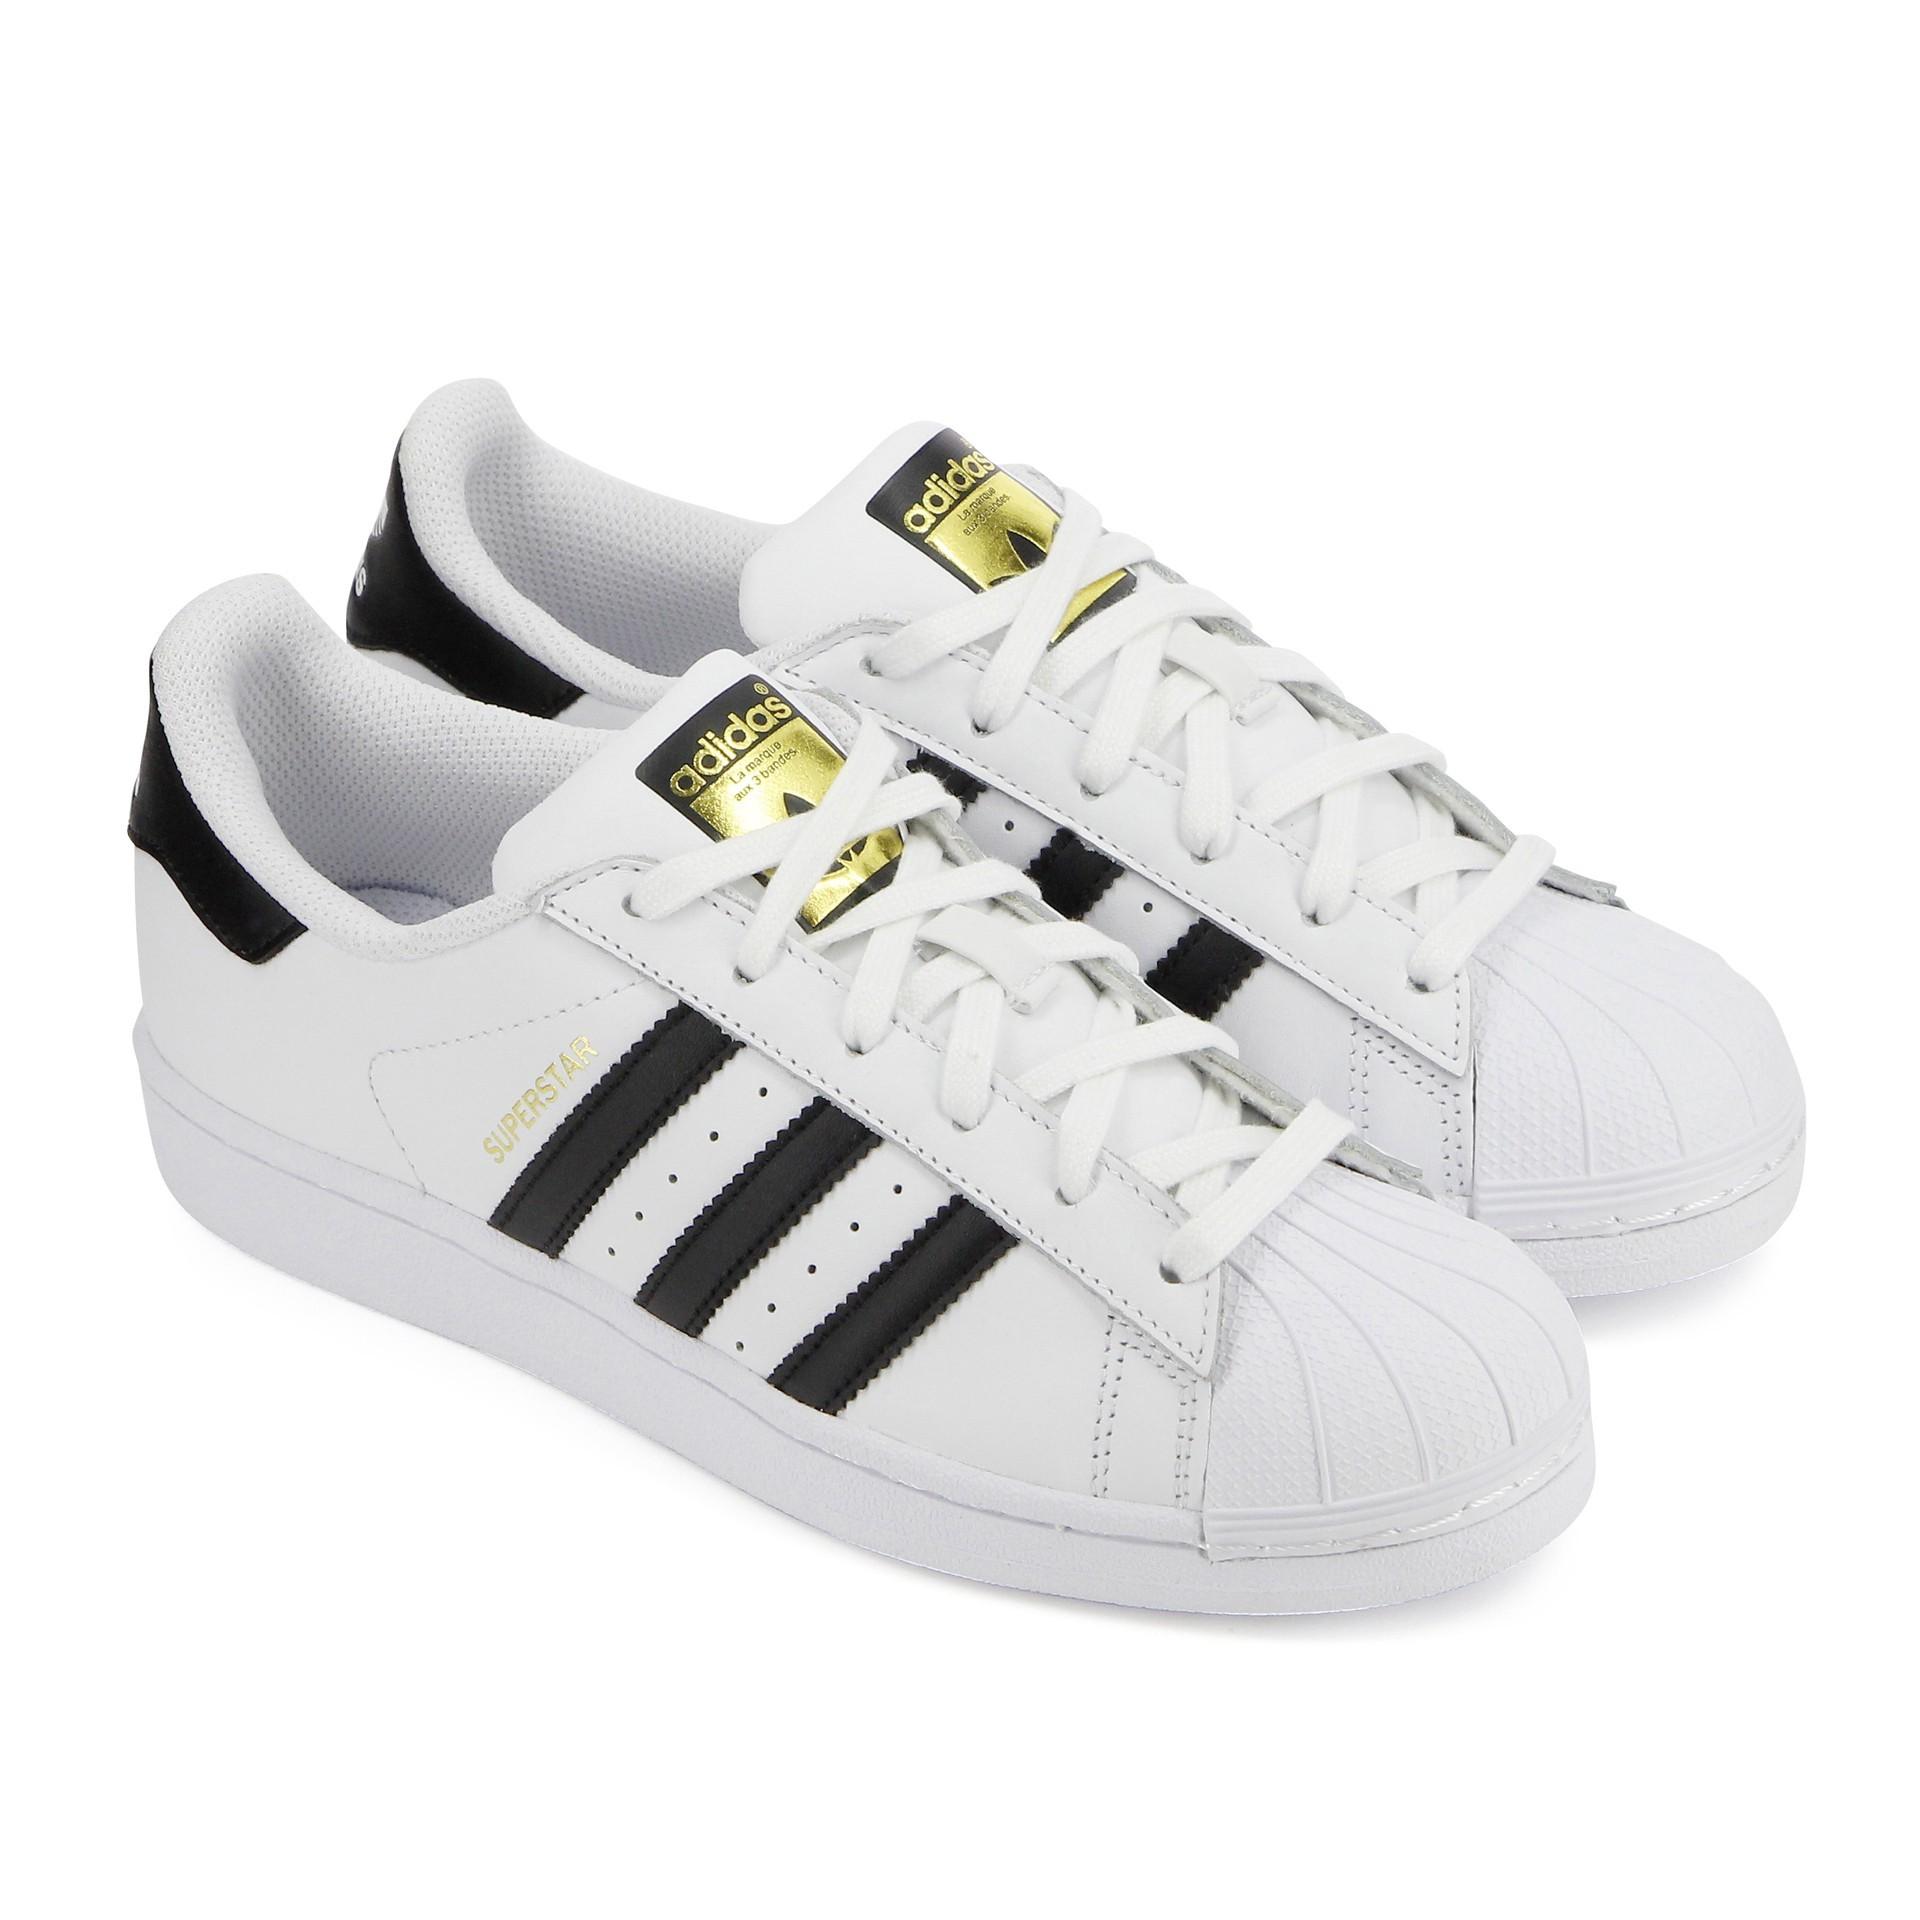 Adidas Réduction Superstar Découvrez Femme Original Pas Chaussures gpxEPEqwTC